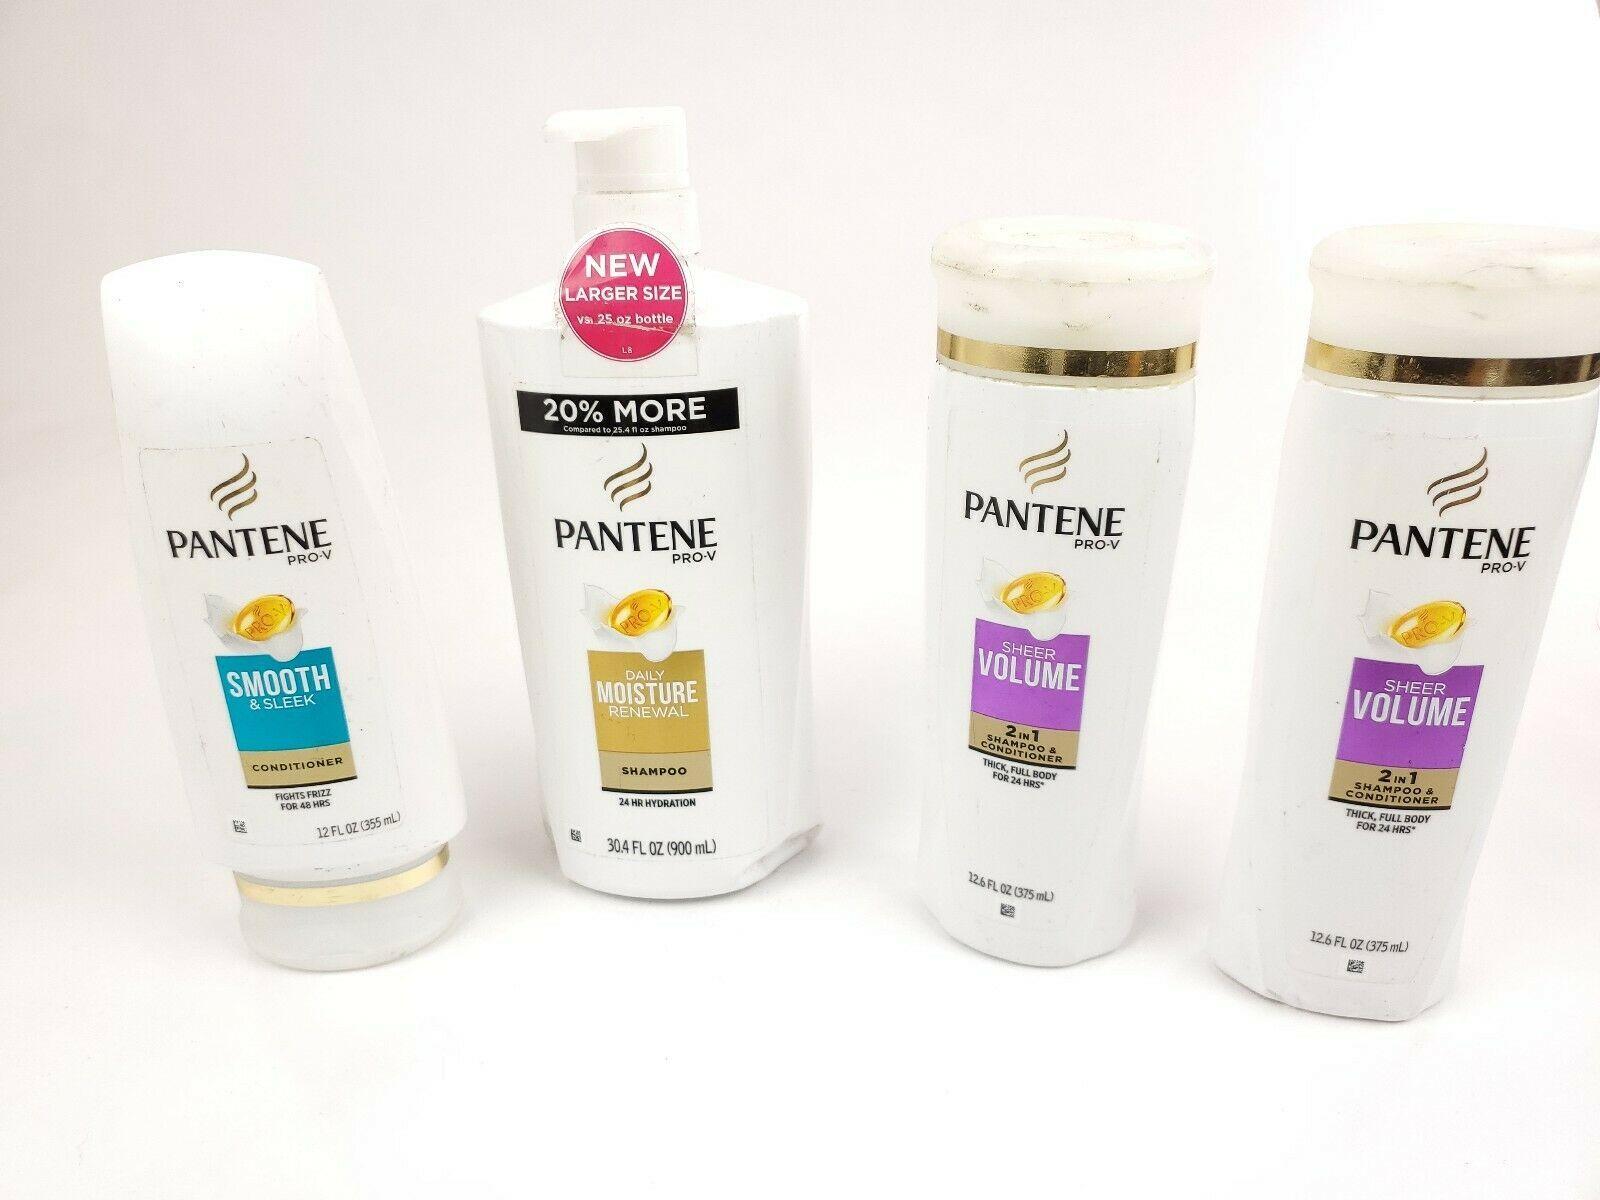 (4) Pantene Pro-V Shampoo & Conditioner (1) Shampoo, (1) Conditioner, (2) 2 in 1 - $24.95